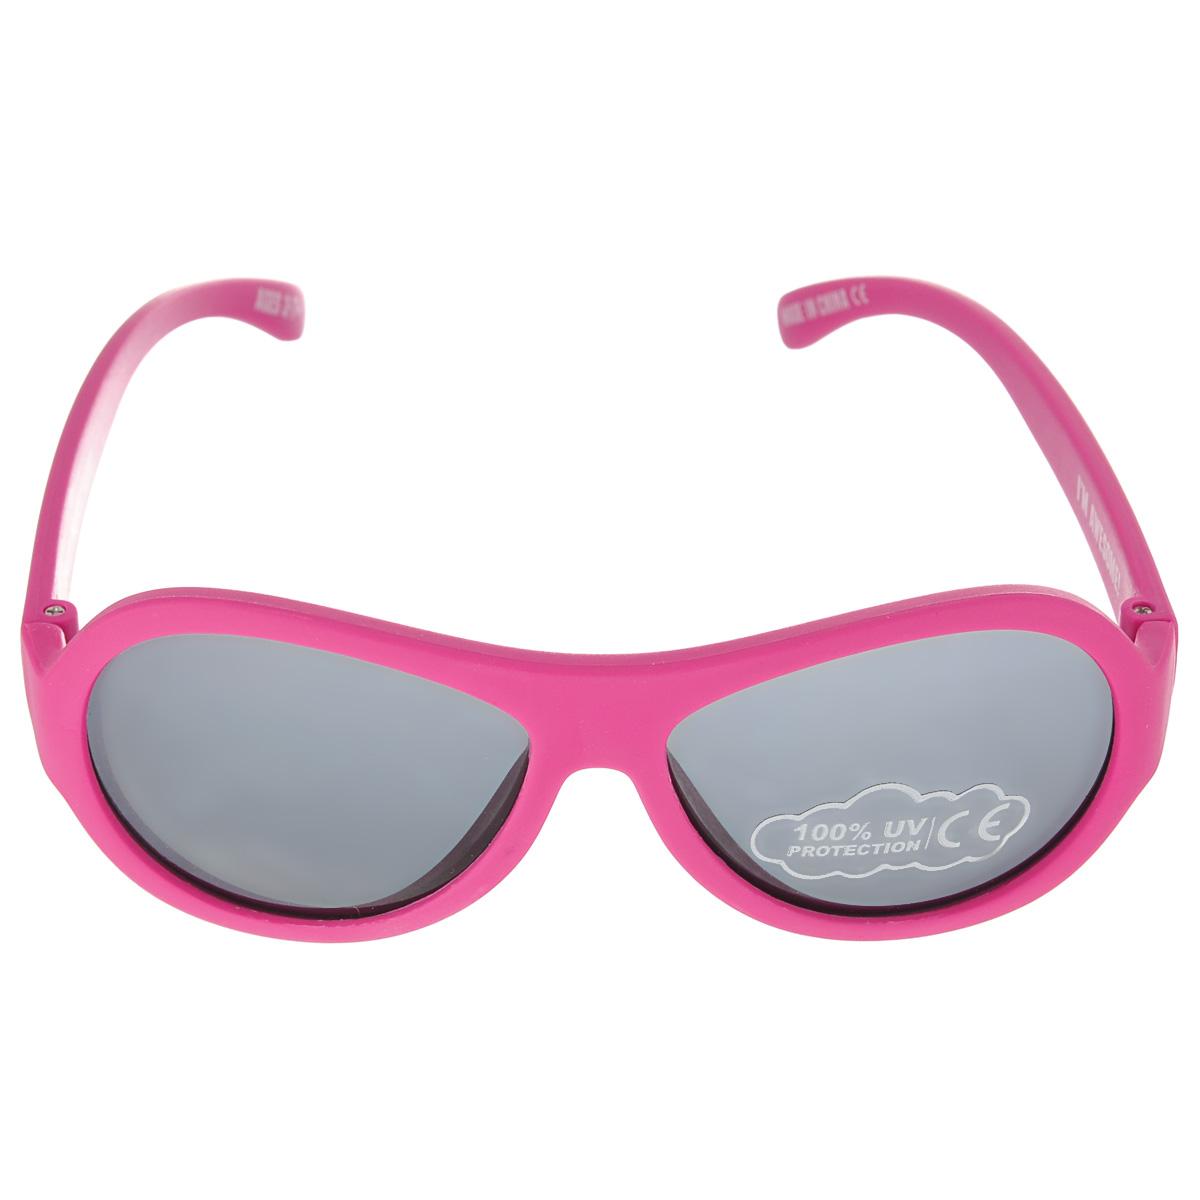 Детские солнцезащитные очки Babiators Поп-звезда (Popstar), цвет: розовый, 3-7 летBM8434-58AEВы делаете все возможное, чтобы ваши дети были здоровы и в безопасности. Шлемы для езды на велосипеде, солнцезащитный крем для прогулок на солнце... Но как насчет влияния солнца на глаза вашего ребенка? Правда в том, что сетчатка глаза у детей развивается вместе с самим ребенком. Это означает, что глаза малышей не могут отфильтровать УФ-излучение. Проблема понятна - детям нужна настоящая защита, чтобы глазки были в безопасности, а зрение сильным.Каждая пара солнцезащитных очков Babiators для детей обеспечивает 100% защиту от UVA и UVB. Прочные линзы высшего качества из поликарбоната не подведут в самых сложных переделках. В отличие от обычных пластиковых очков, оправа Babiators выполнена из гибкого прорезиненного материала (термопластичного эластомера), что делает их ударопрочными, их можно сгибать и крутить - они не сломаются и вернутся в прежнюю форму. Не бойтесь, что ребенок сядет на них - они все выдержат. Будьте уверены, что очки Babiators созданы безопасными, прочными и классными, так что вы и ваш ребенок можете приступать к своим приключениям!